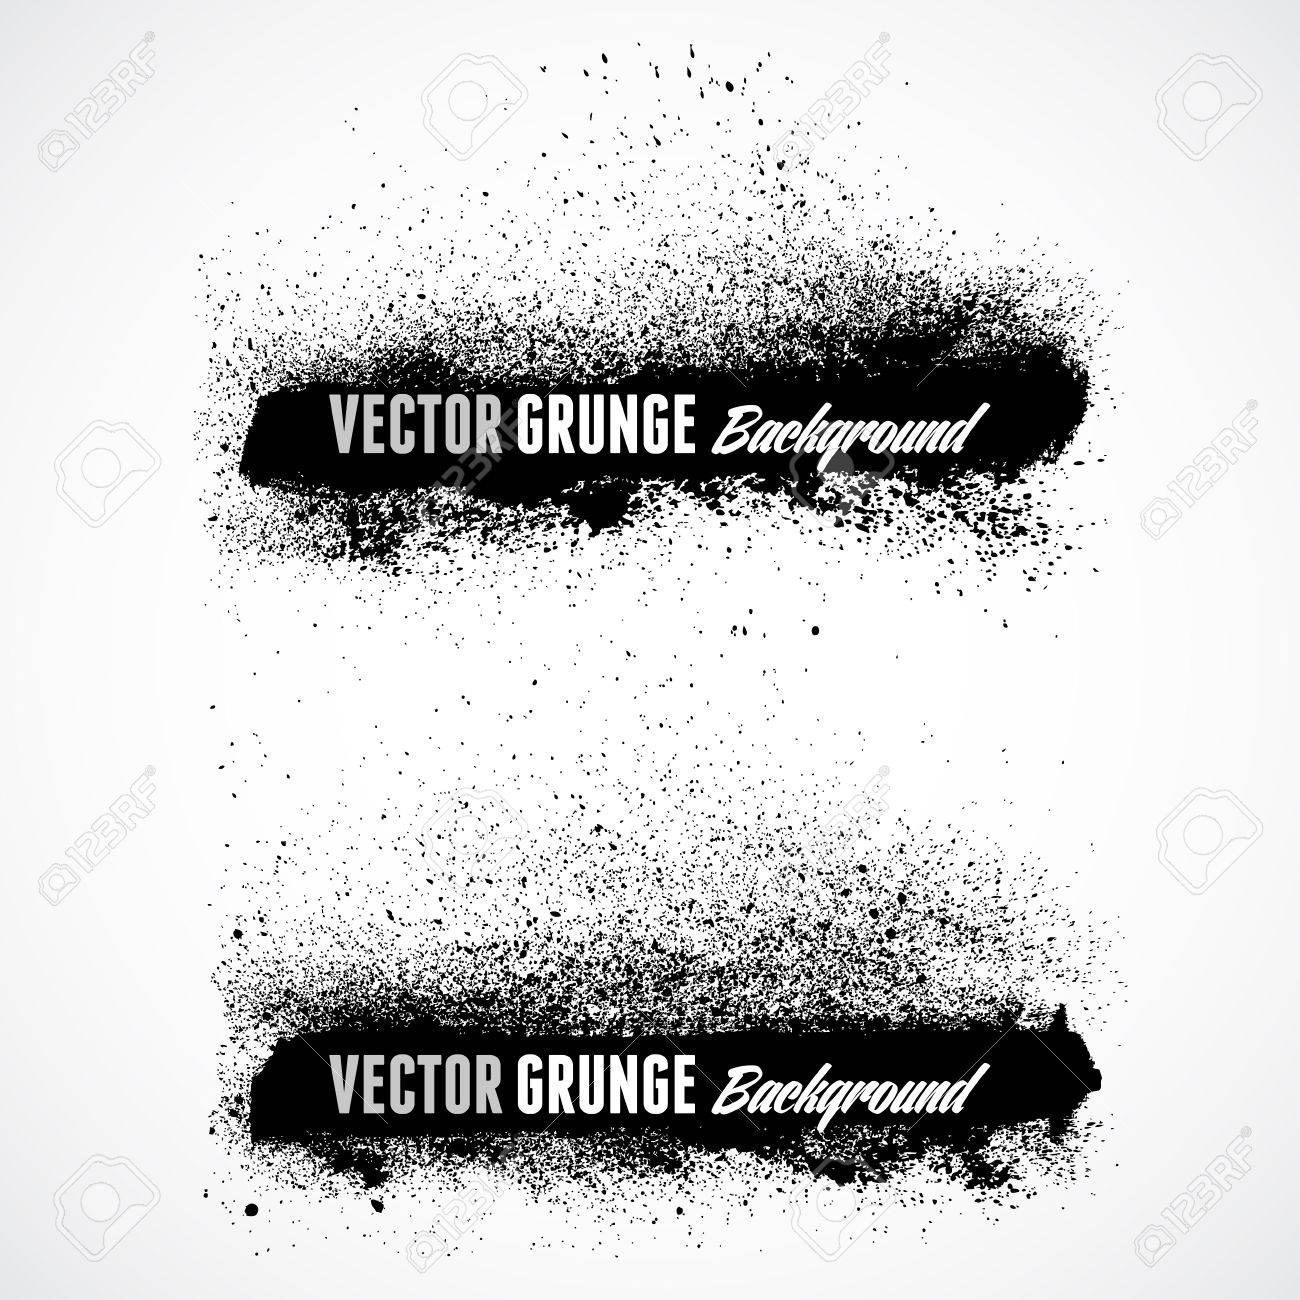 Grunge banner backgrounds in black color - 38591881